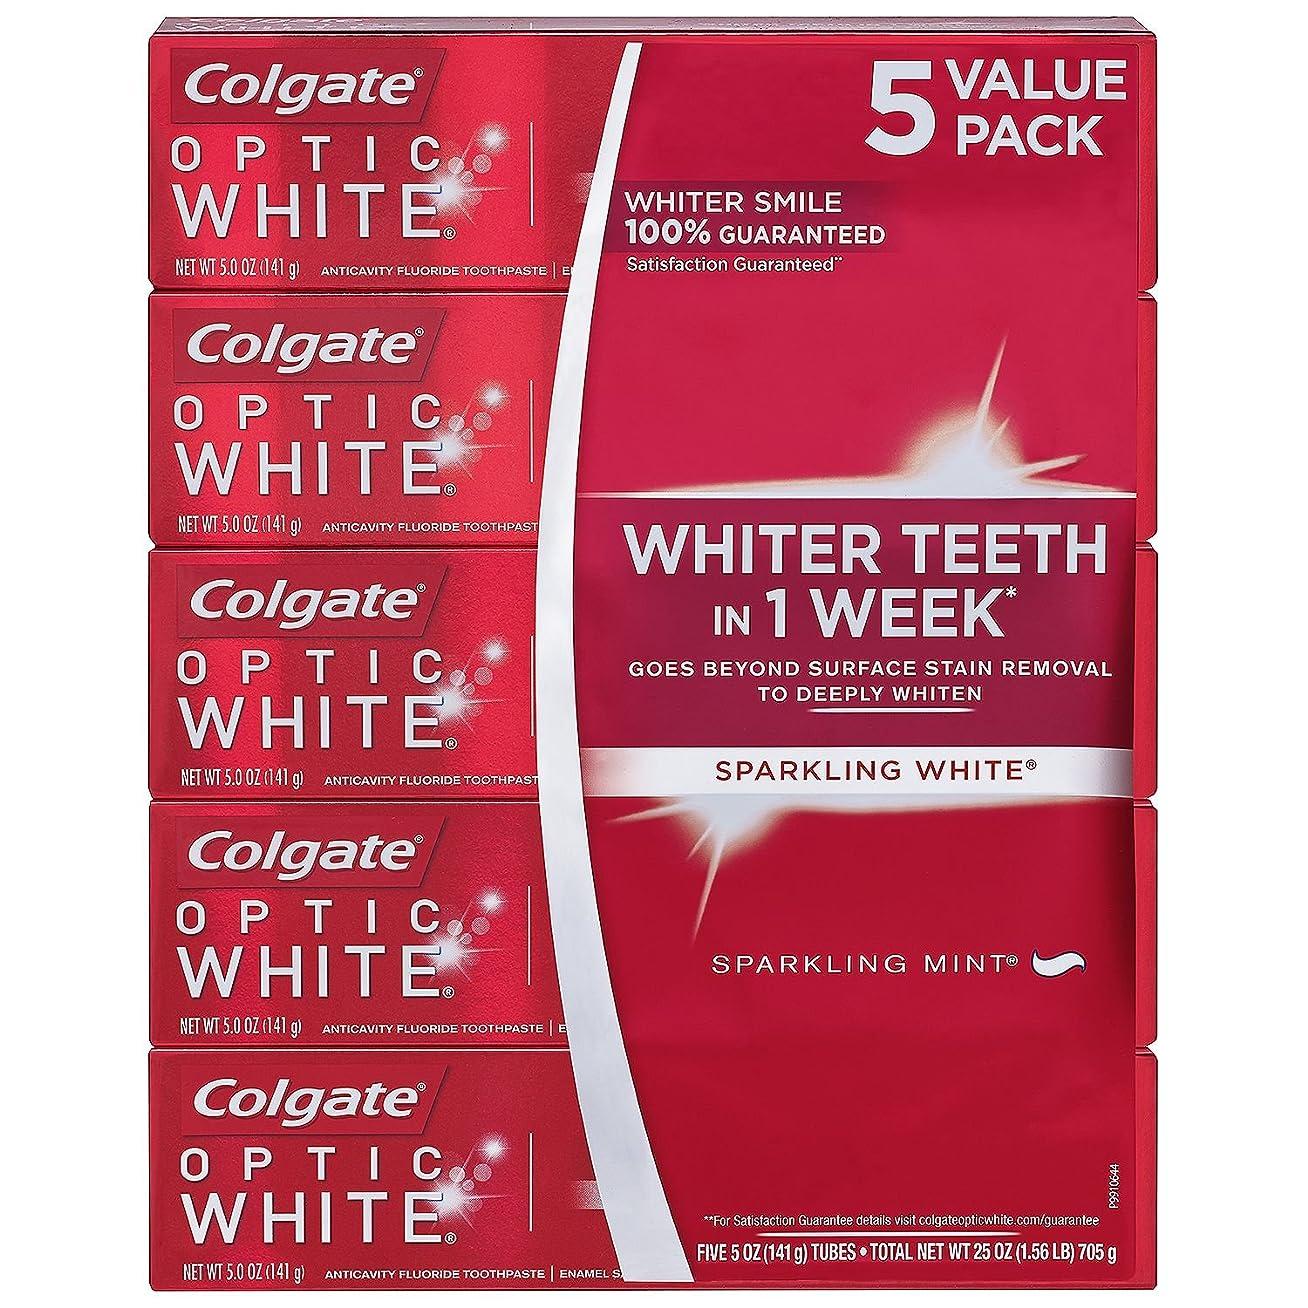 他の場所嘆願珍味海外直送品 Colgate Optic White コルゲート オプティック ホワイト スパークリングミント141g ×5本 [Pack of 5]